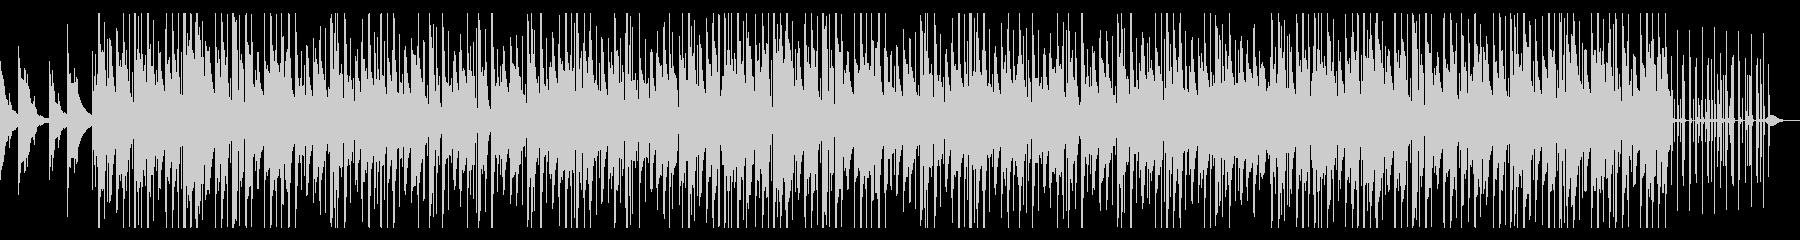 CM等に おしゃれなヒップホップ効果音無の未再生の波形